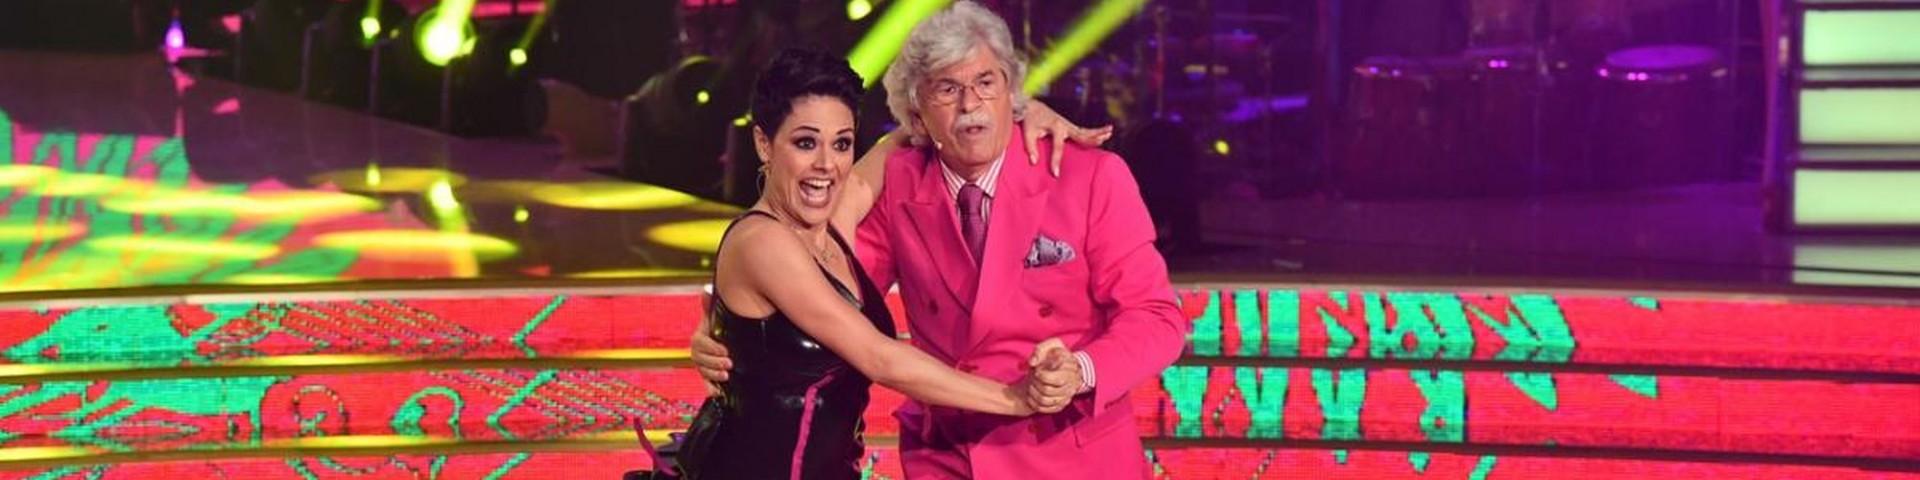 Stasera in tv - 27 aprile: da Amici a Ballando con le Stelle, tutti i programmi